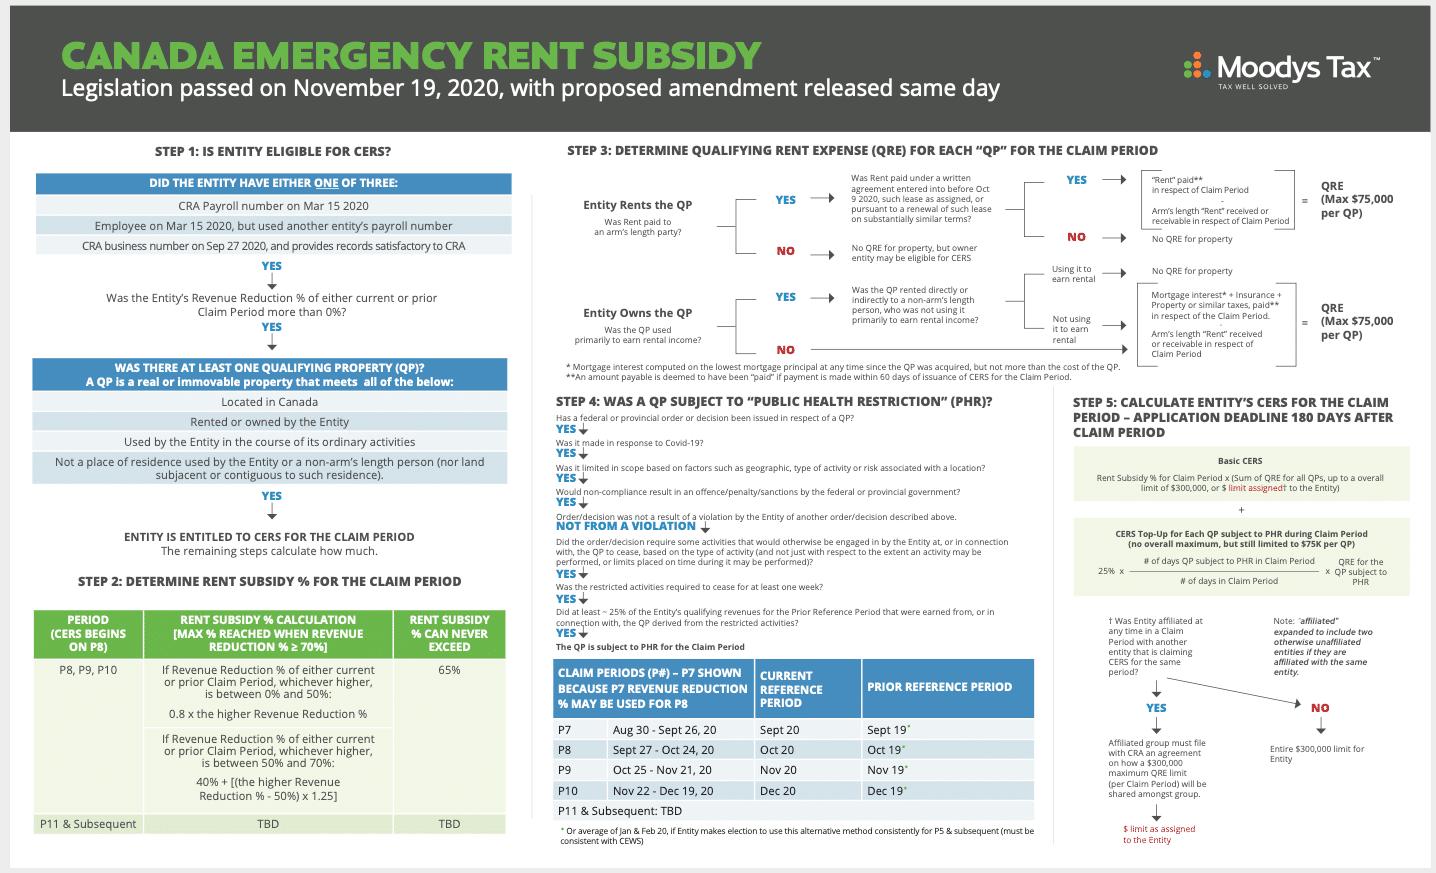 Canada Emergency Rent Subsidy Flowchart